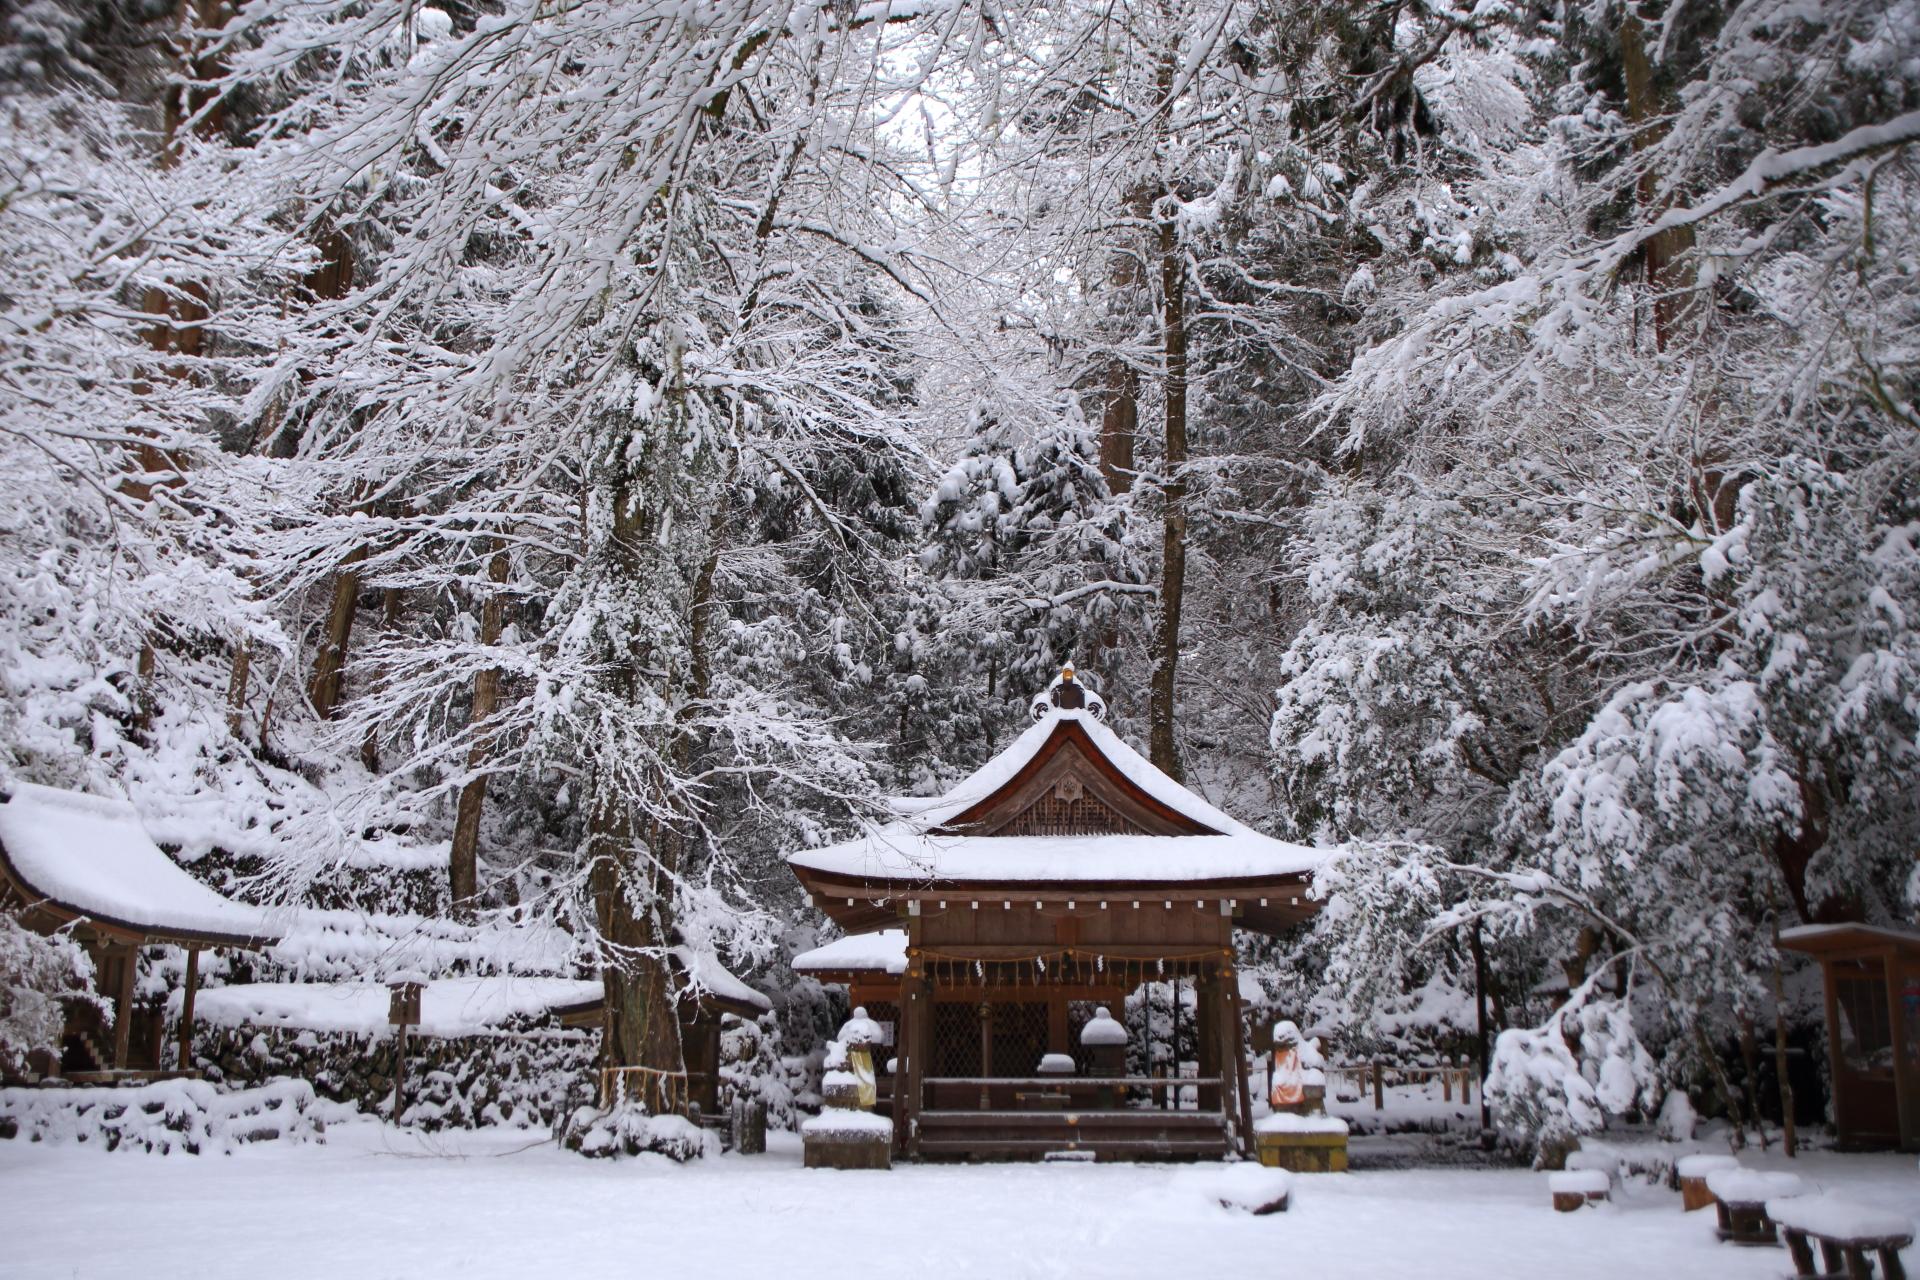 雪の花が咲き乱れる貴船神社奥宮